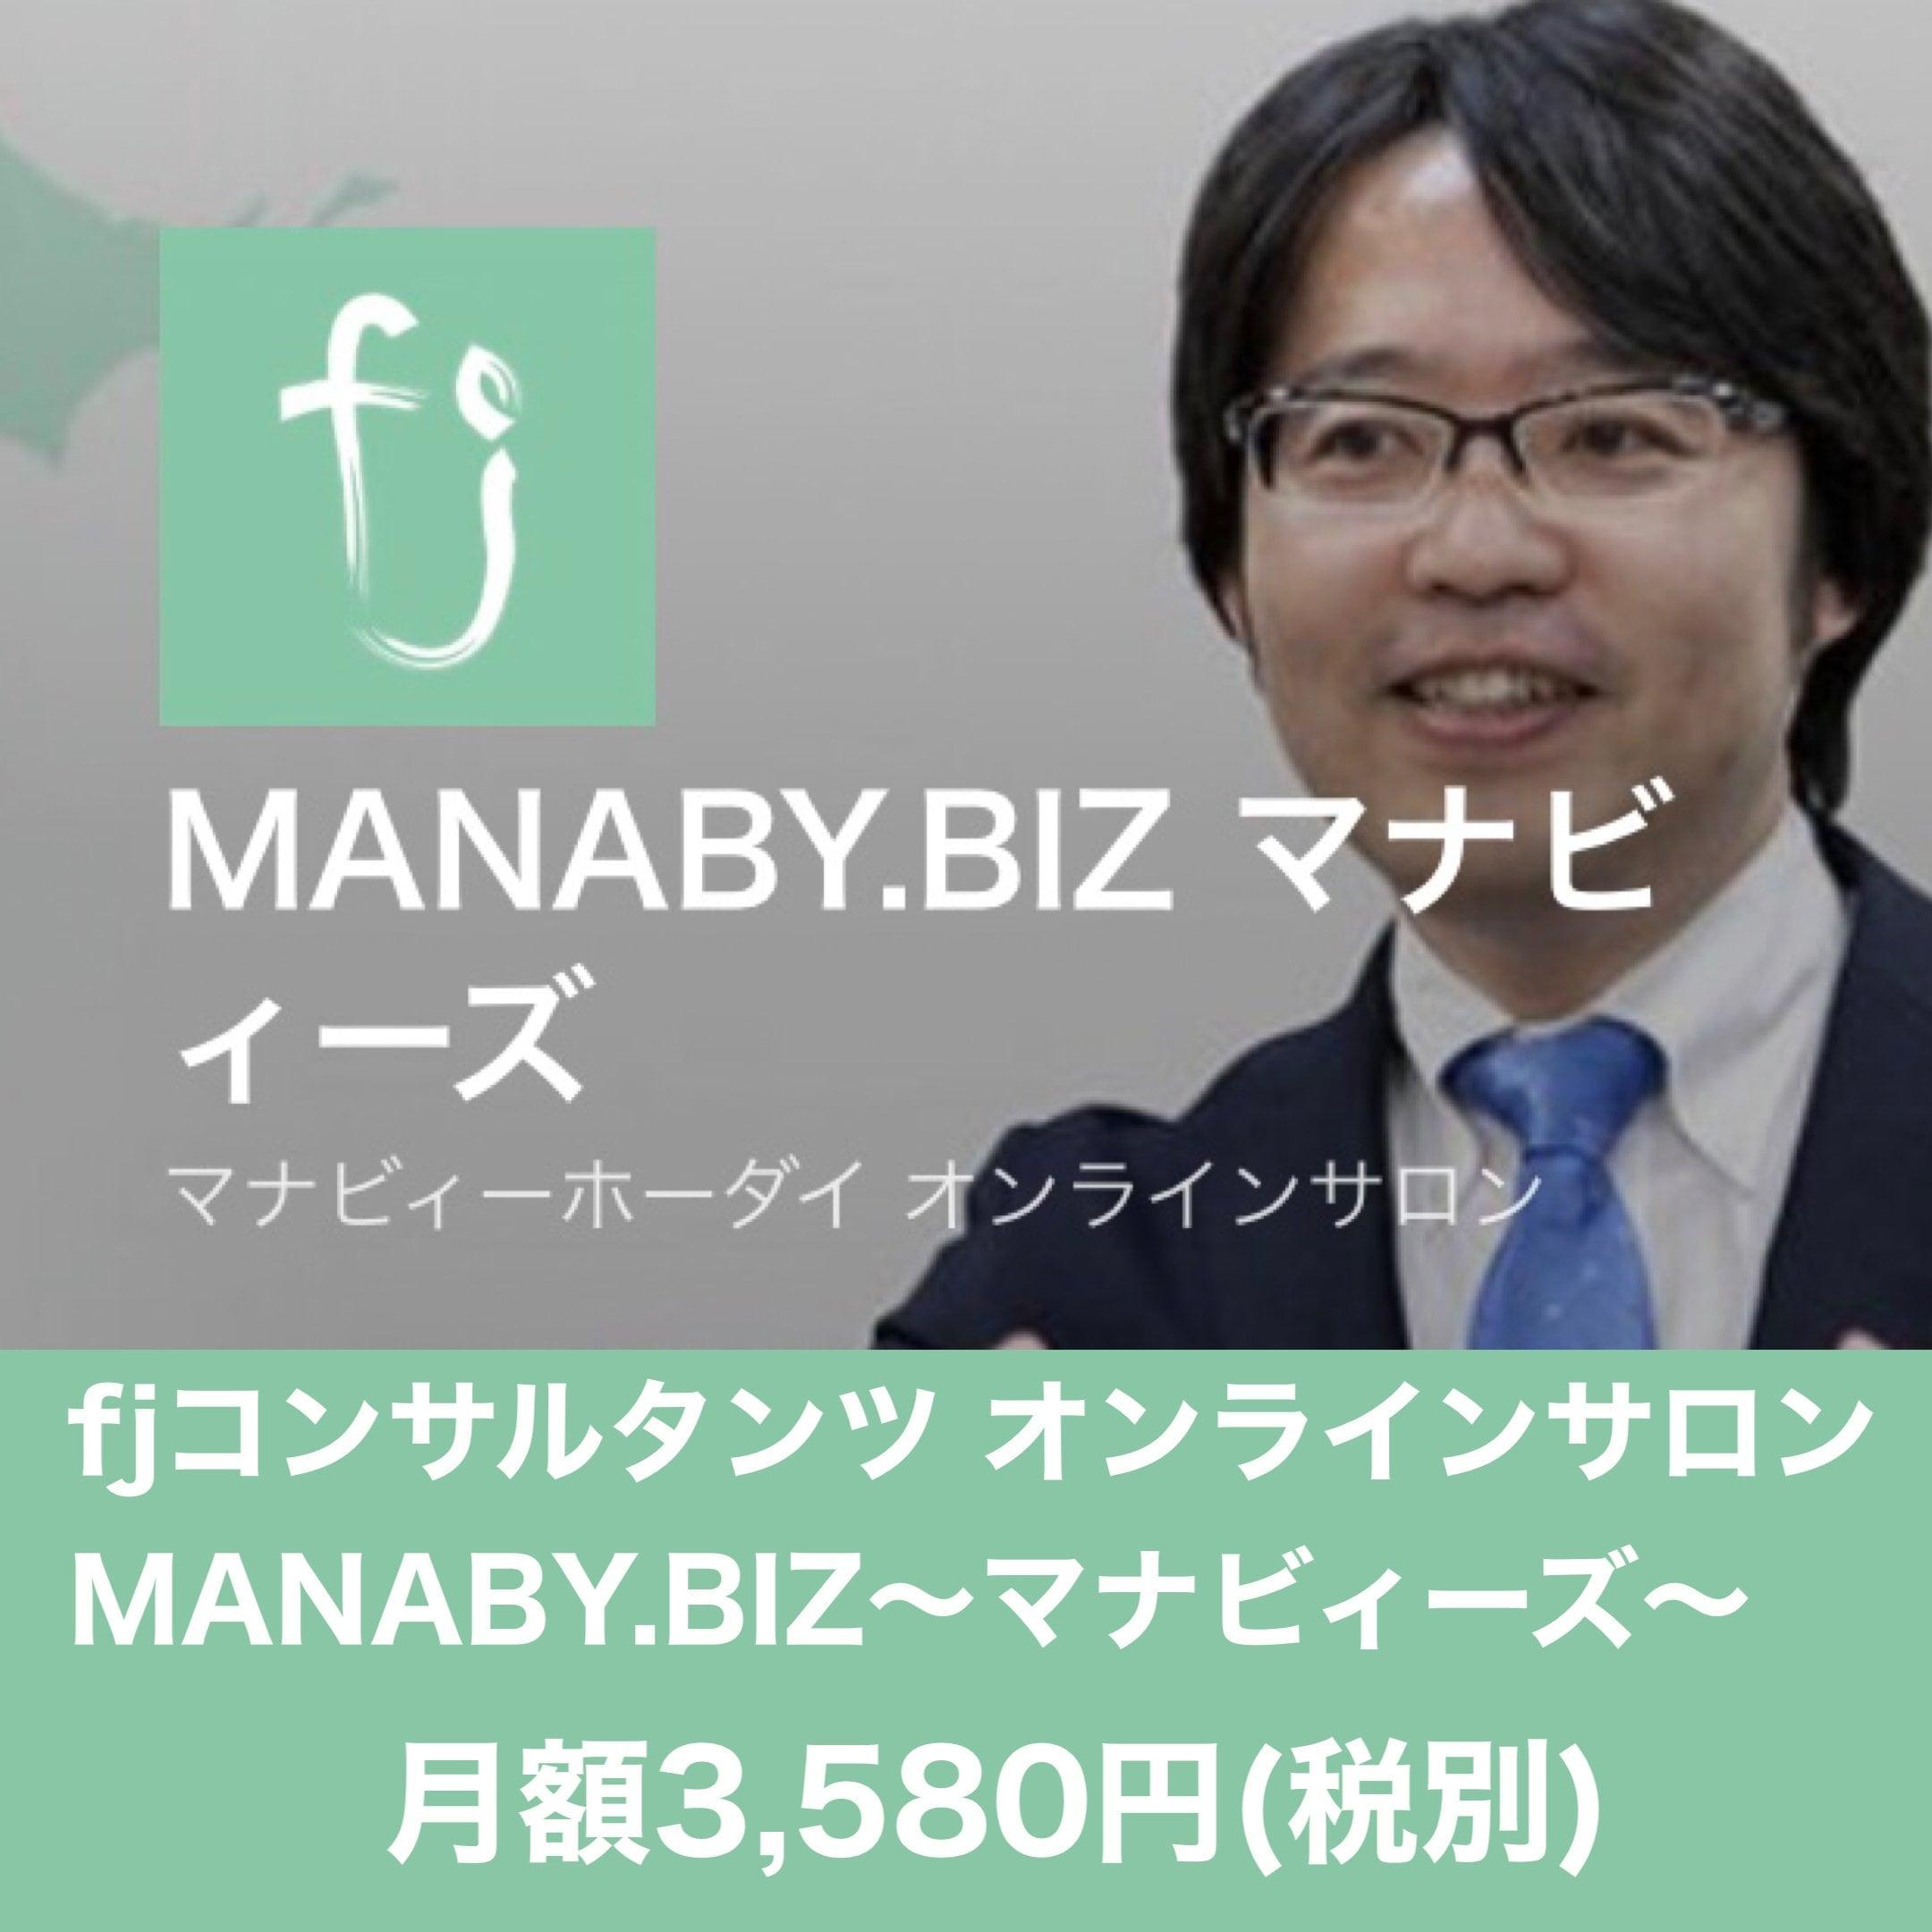 MANABY.BIZ マナビィーズ オンラインサロンのイメージその1